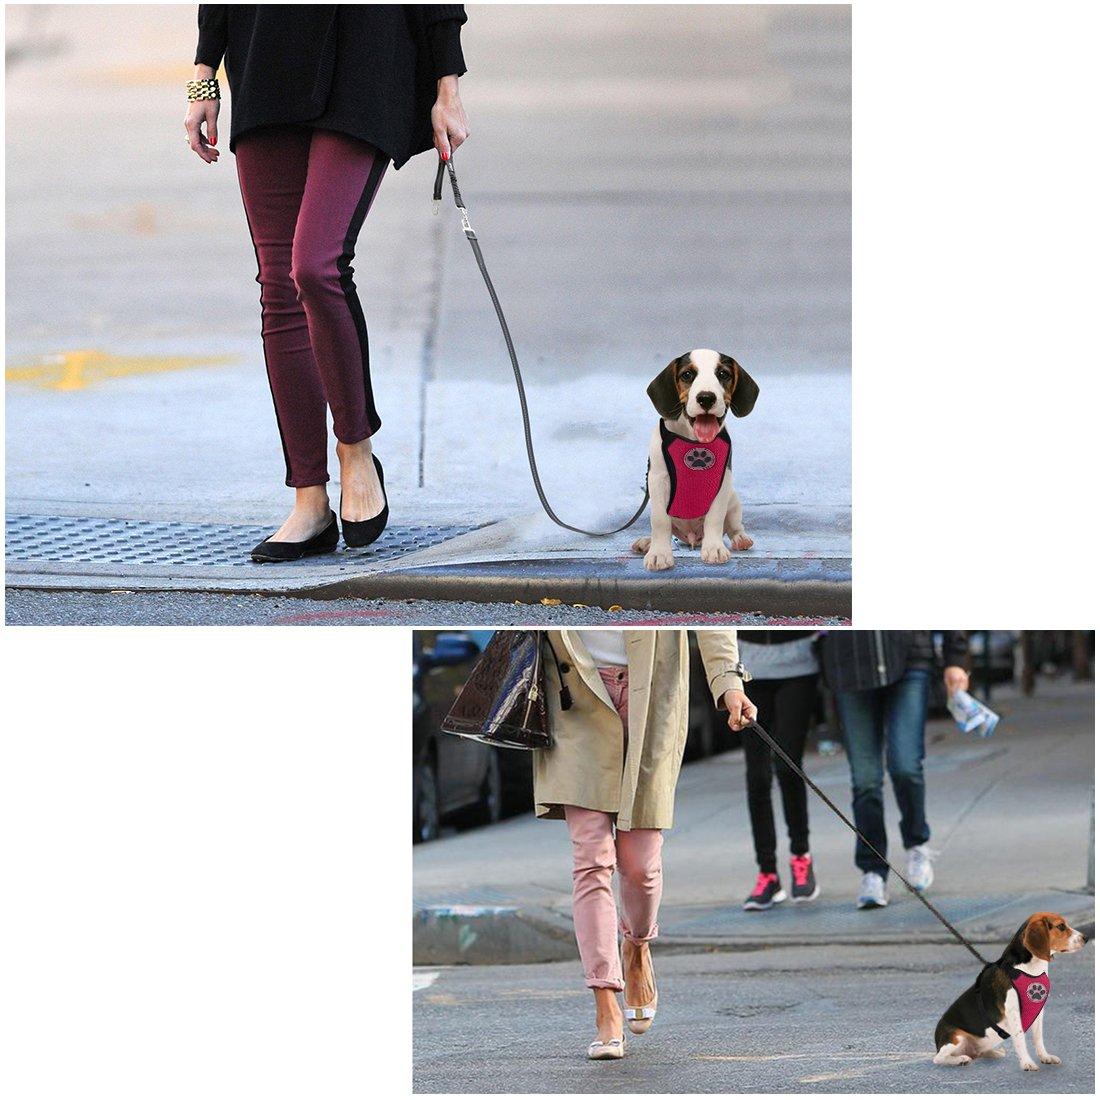 Sin cintur/ón de Seguridad SlowTon Arn/és para autom/óvil, Arn/és de Chaleco para Mascotas para Perros Seguridad en el Coche Cuello Ajustable y Correa para el Pecho